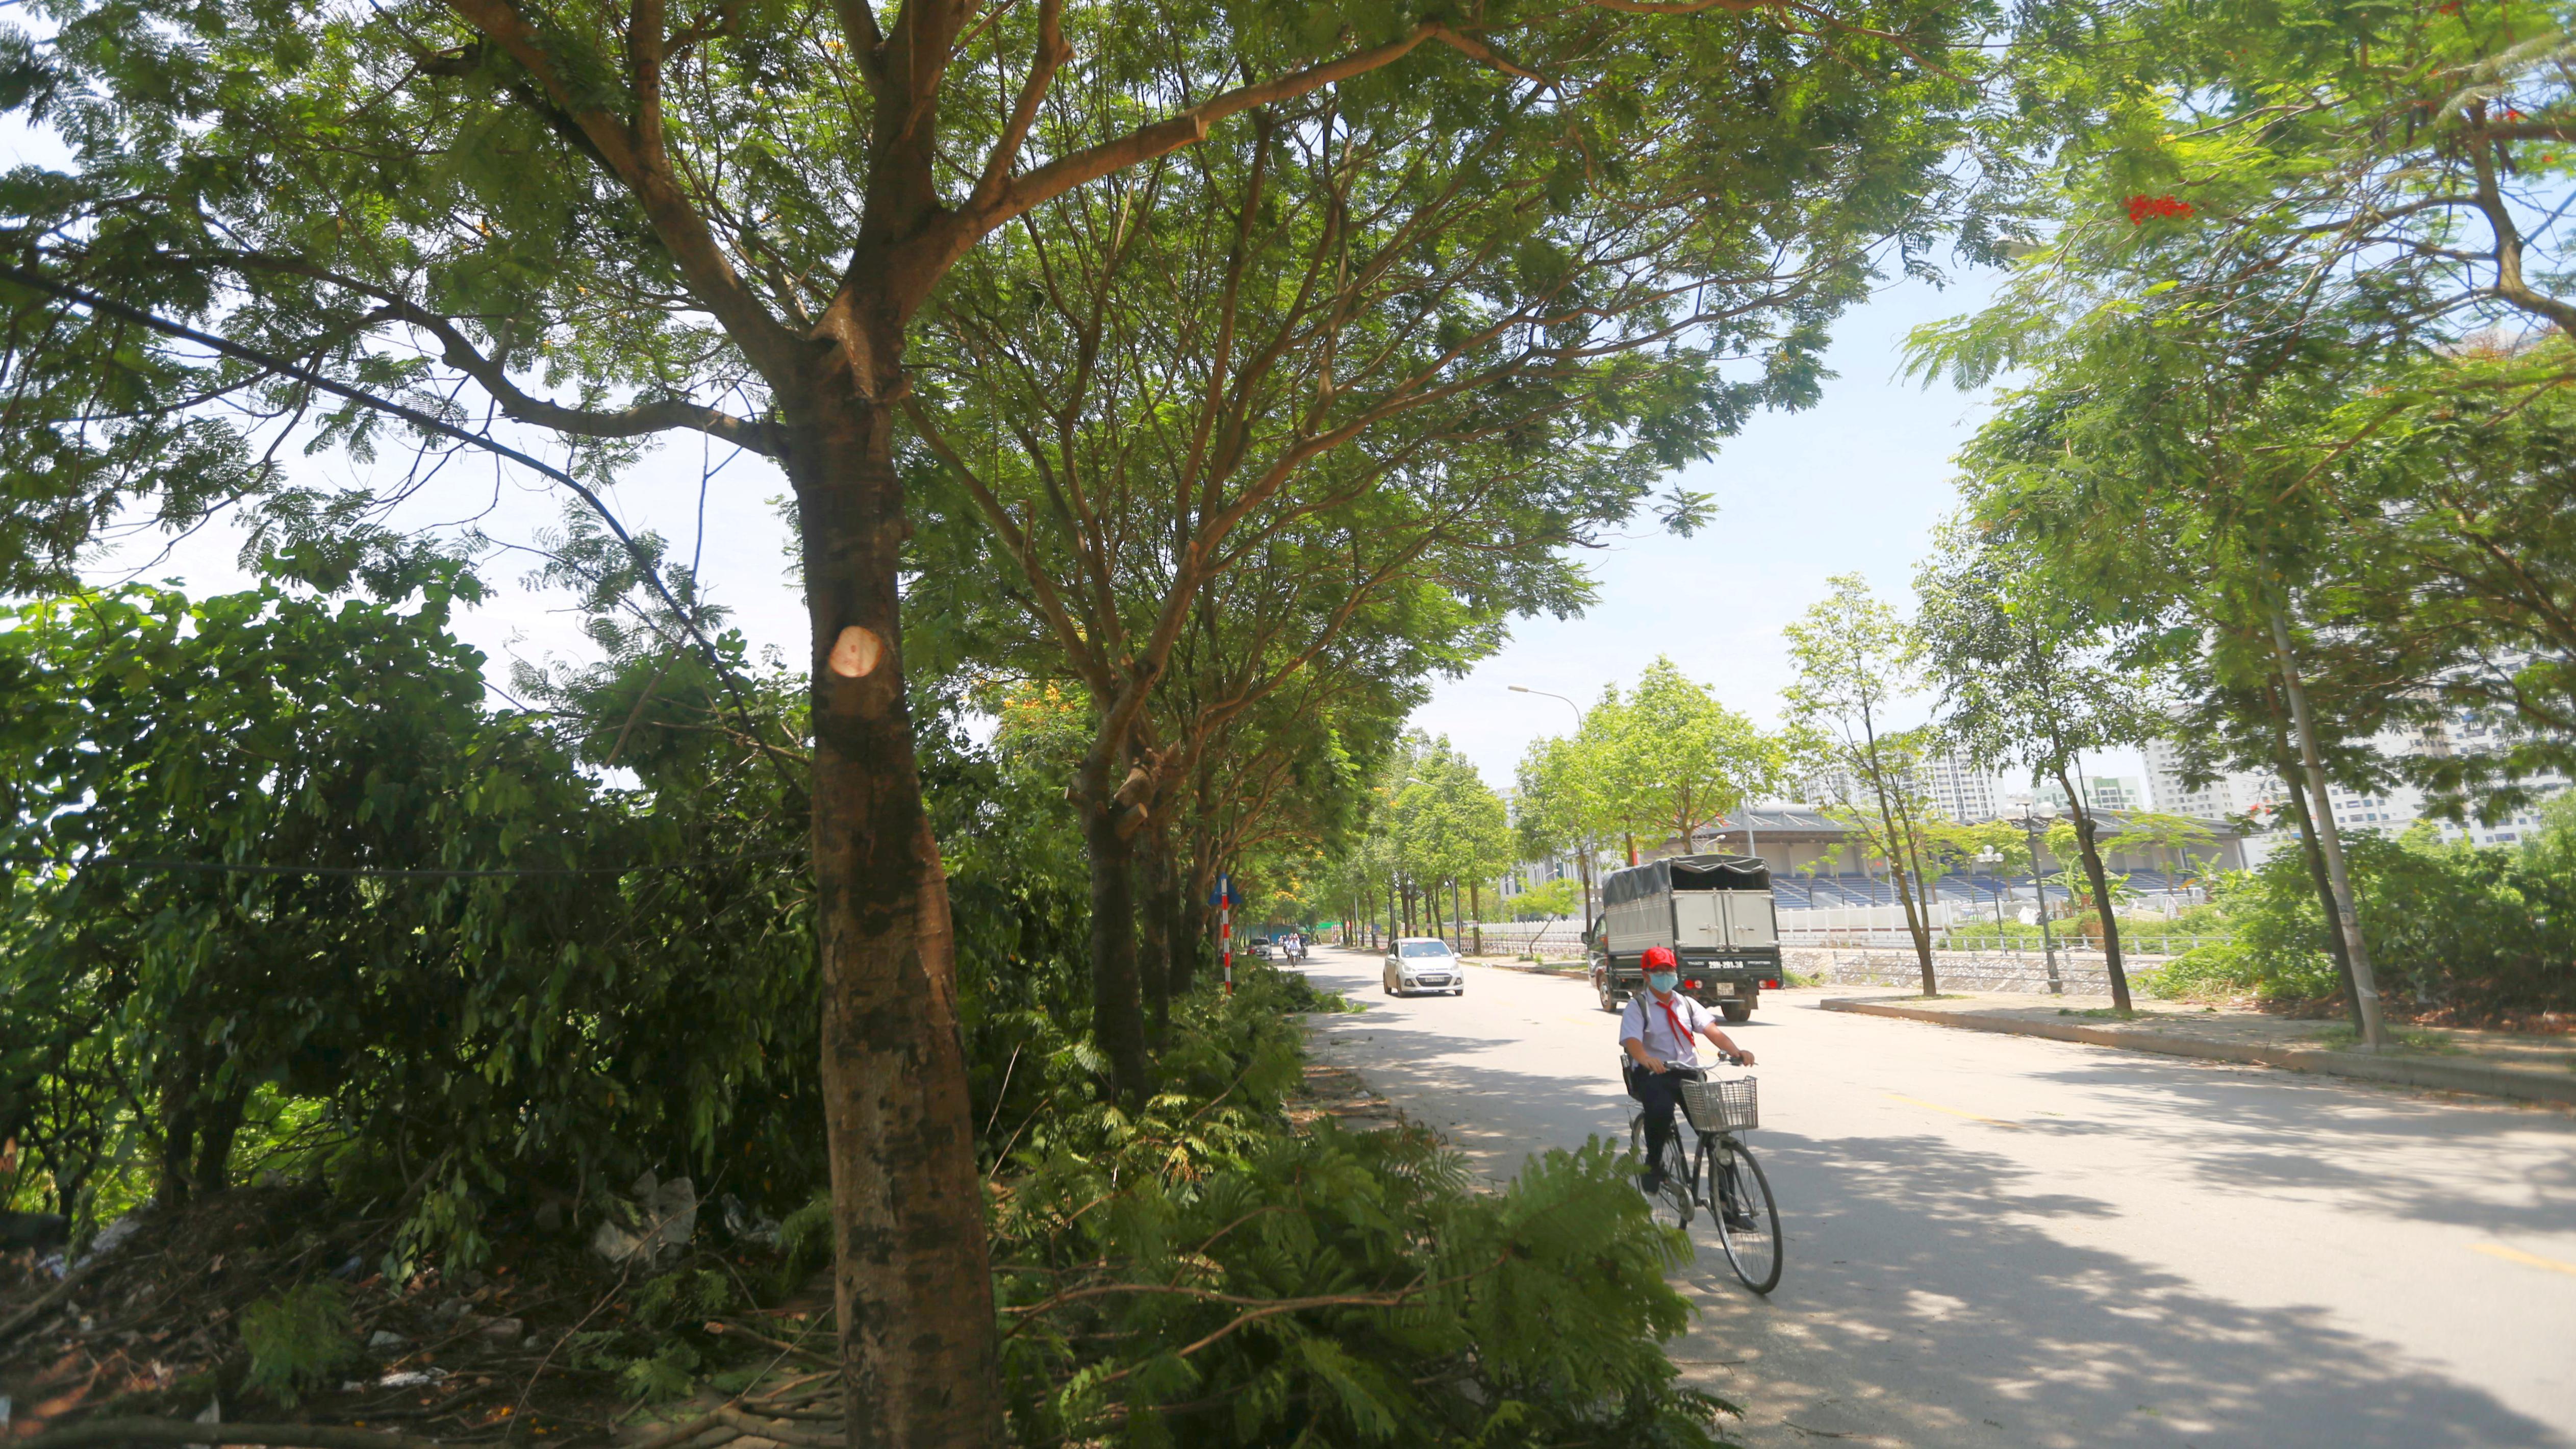 Các tuyến đường trồng nhiều phượng vĩ ở Hà nội bắt đầu được triển khai cắt tỉa - Ảnh 3.